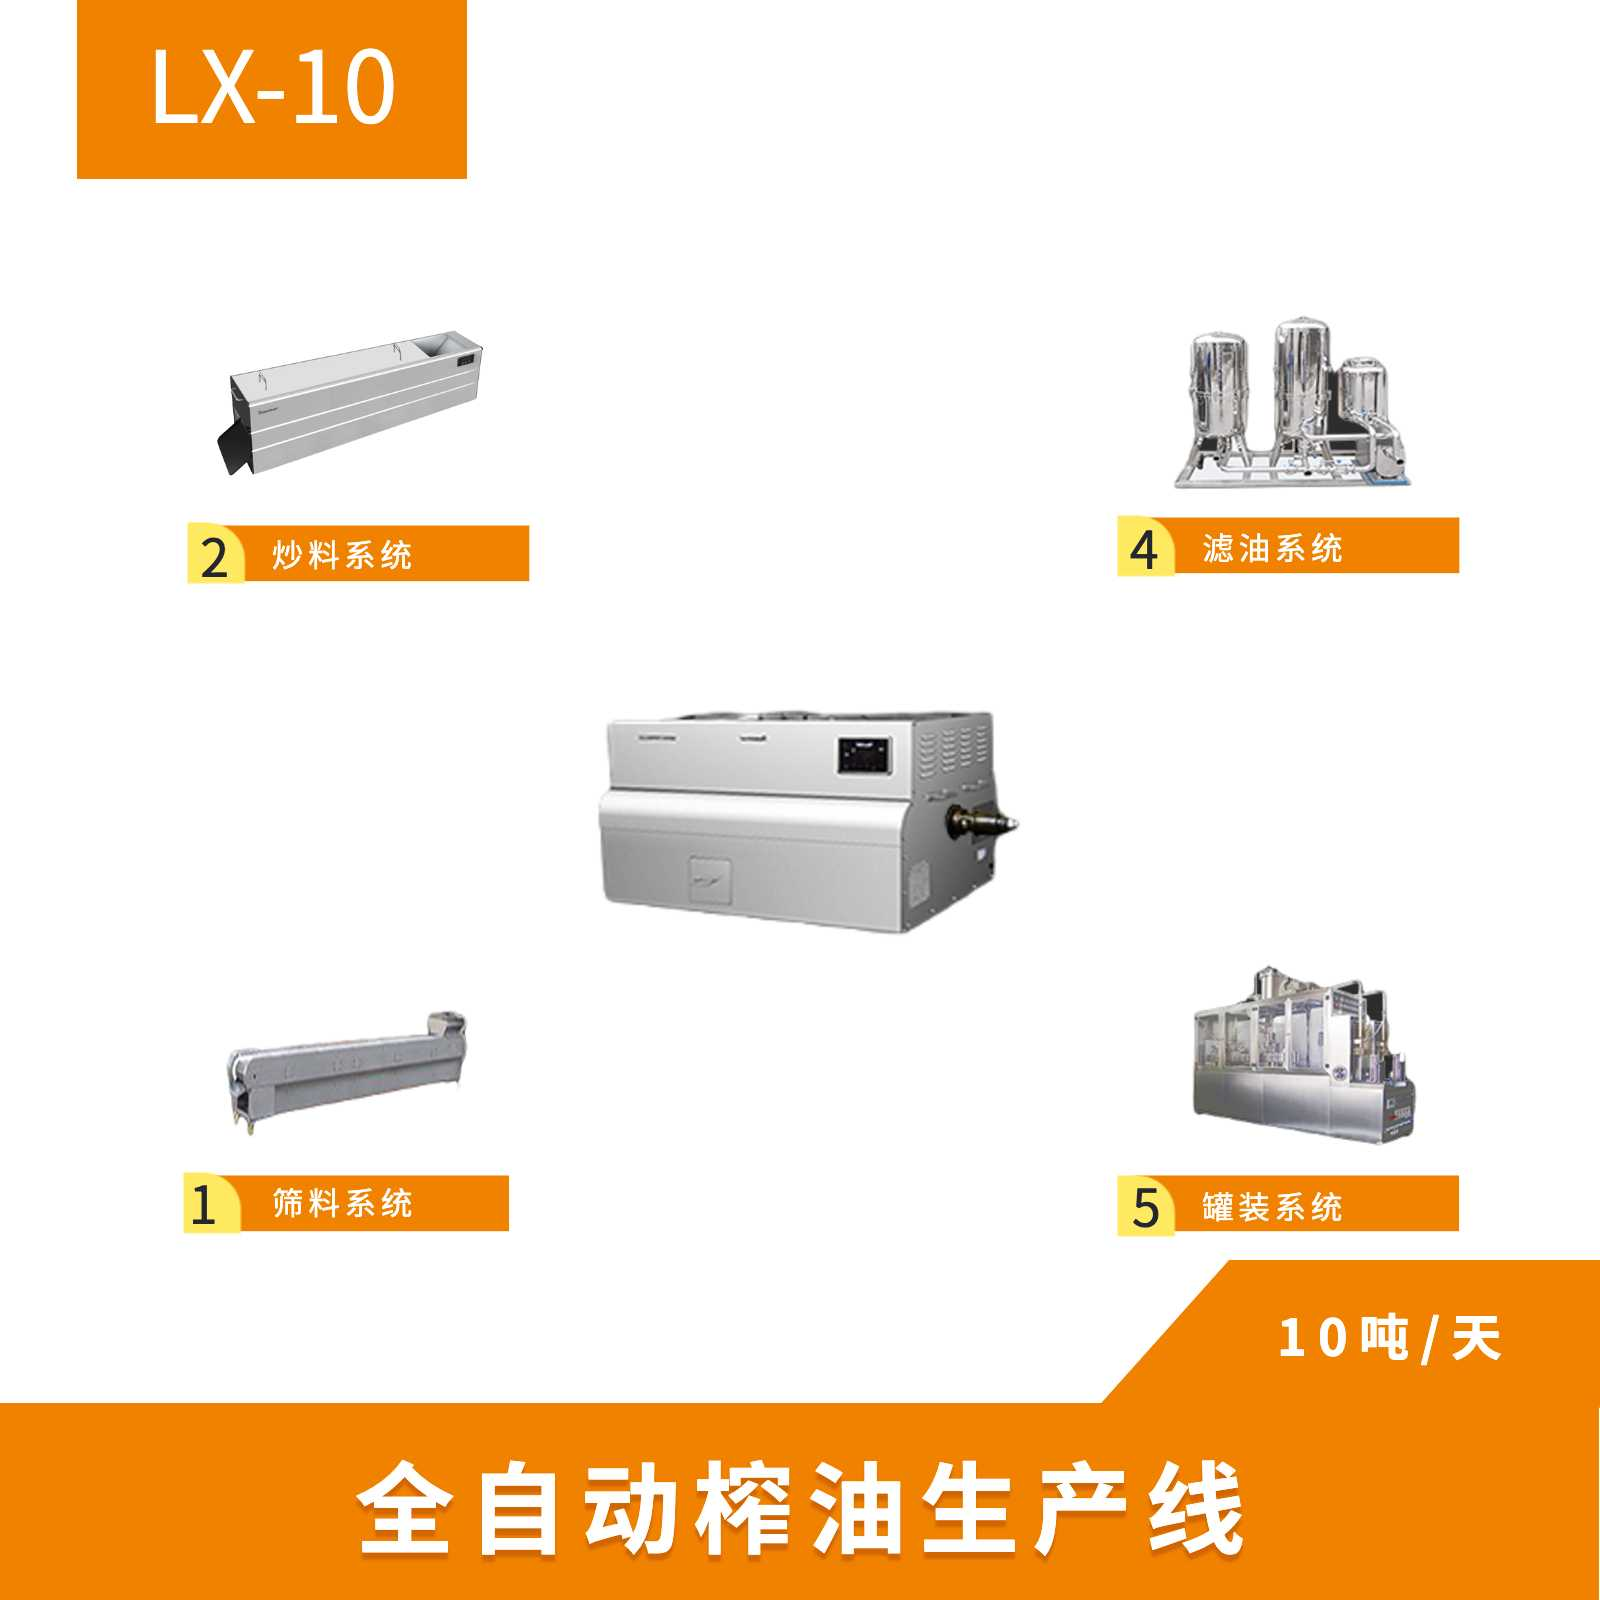 全自动榨油生产线 LX-10